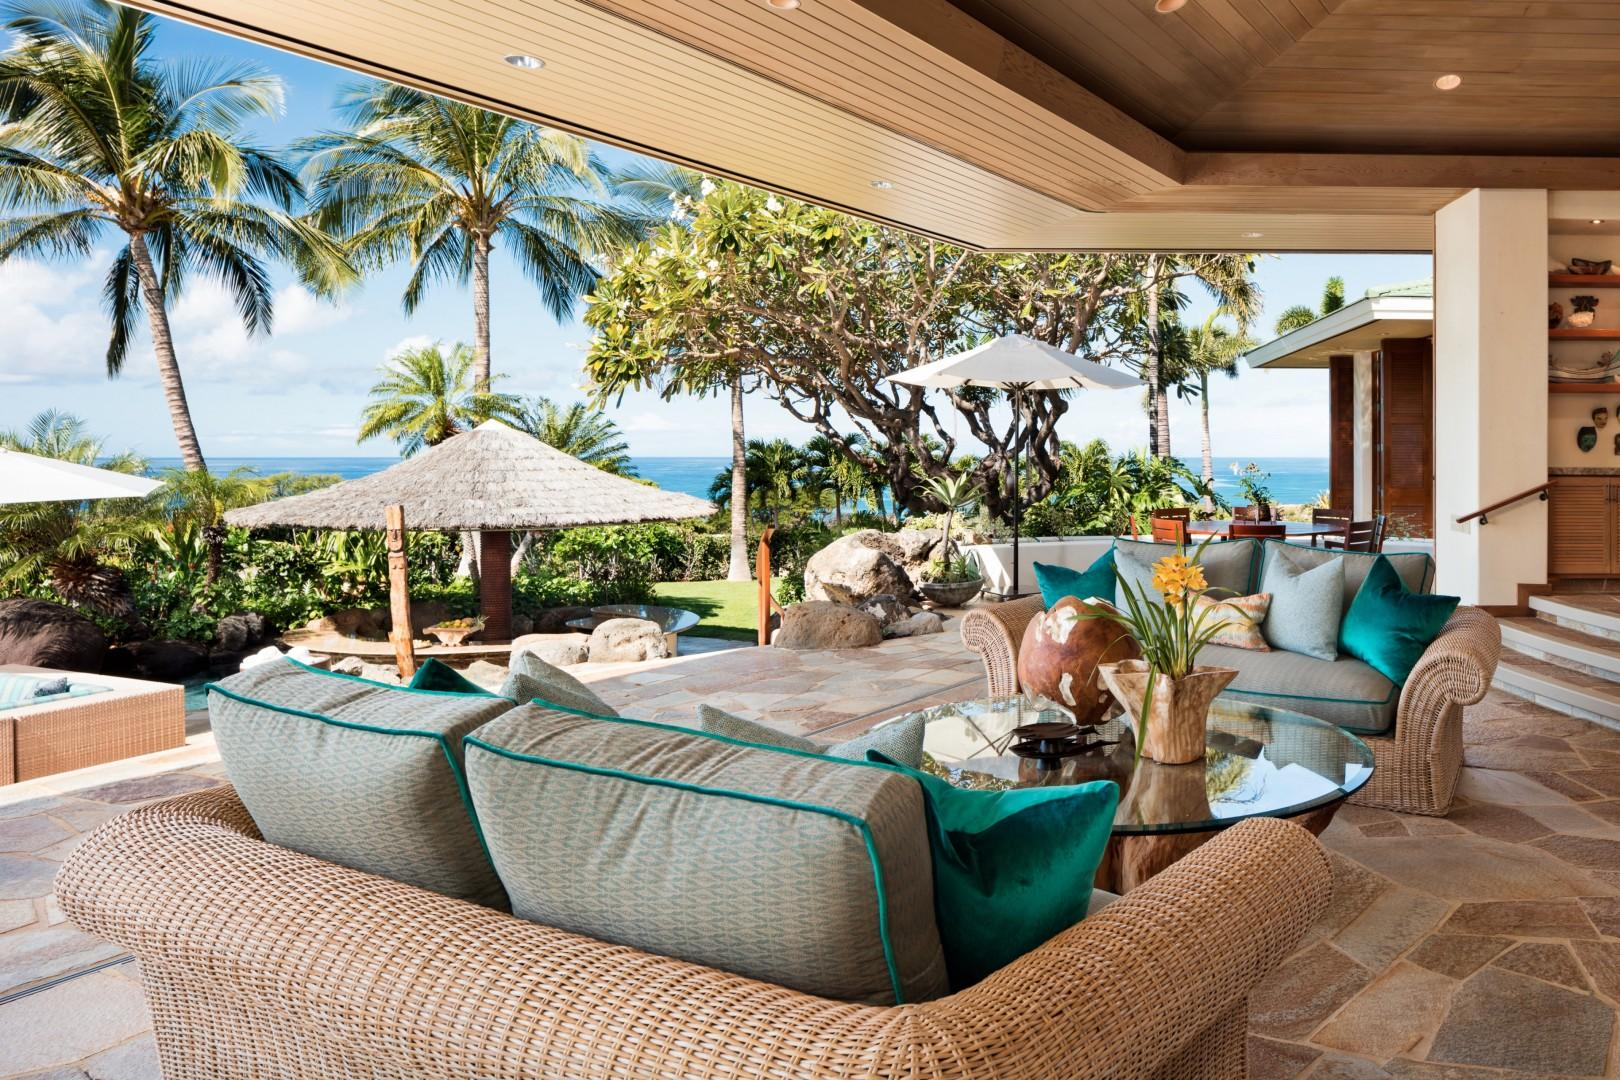 Alternate view of great room highlighting ocean view.